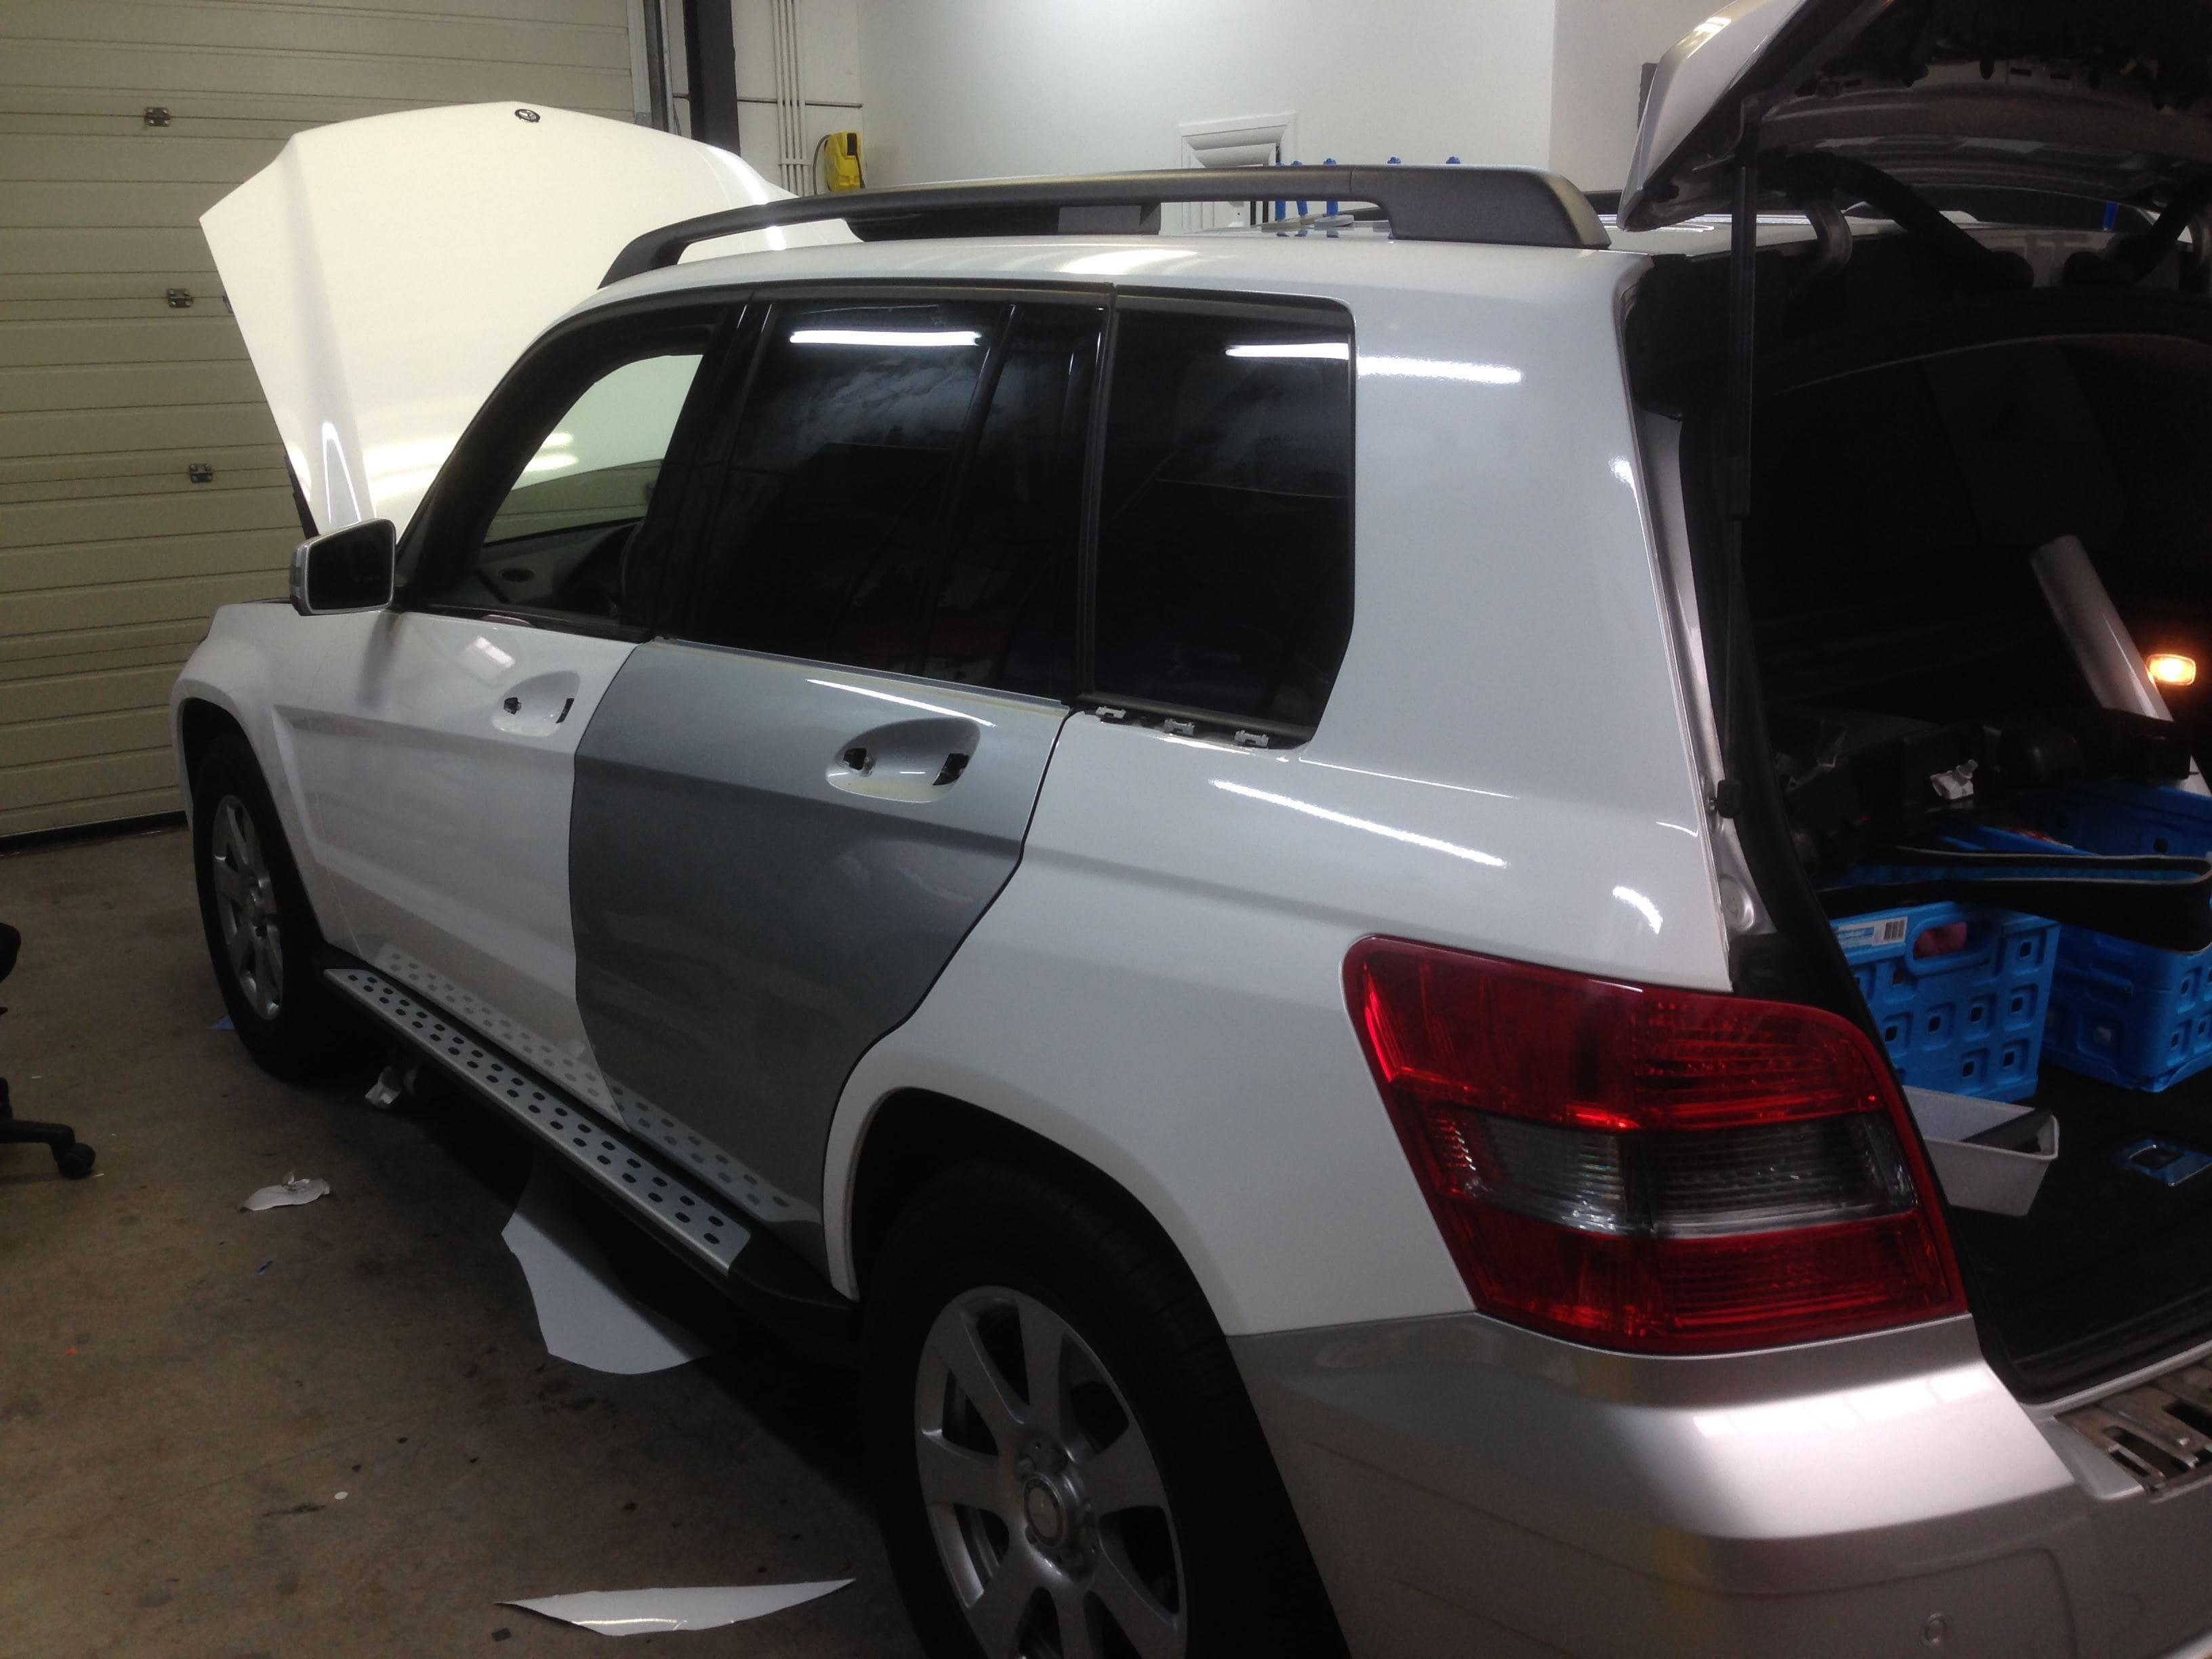 Mercedes GLK met Glossy White Wrap, Carwrapping door Wrapmyride.nu Foto-nr:6298, ©2020